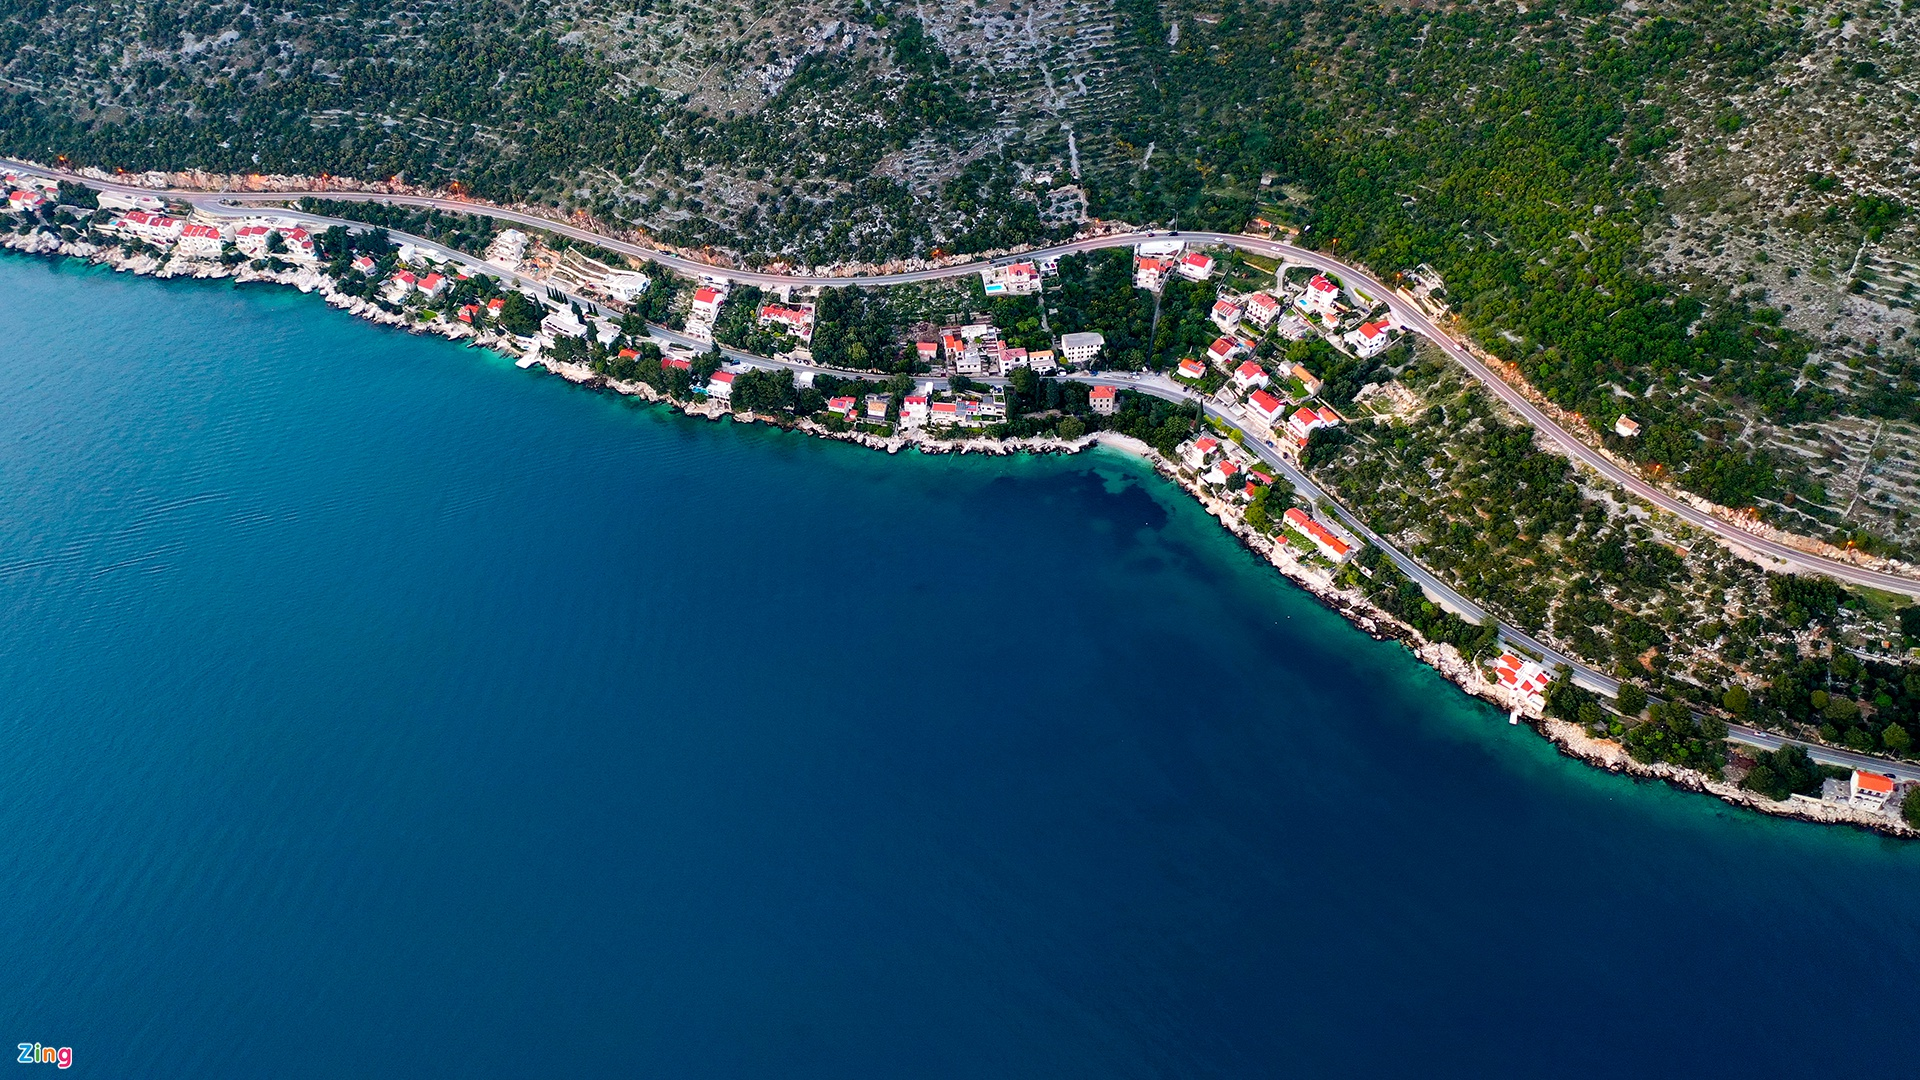 du lich Montenegro anh 1